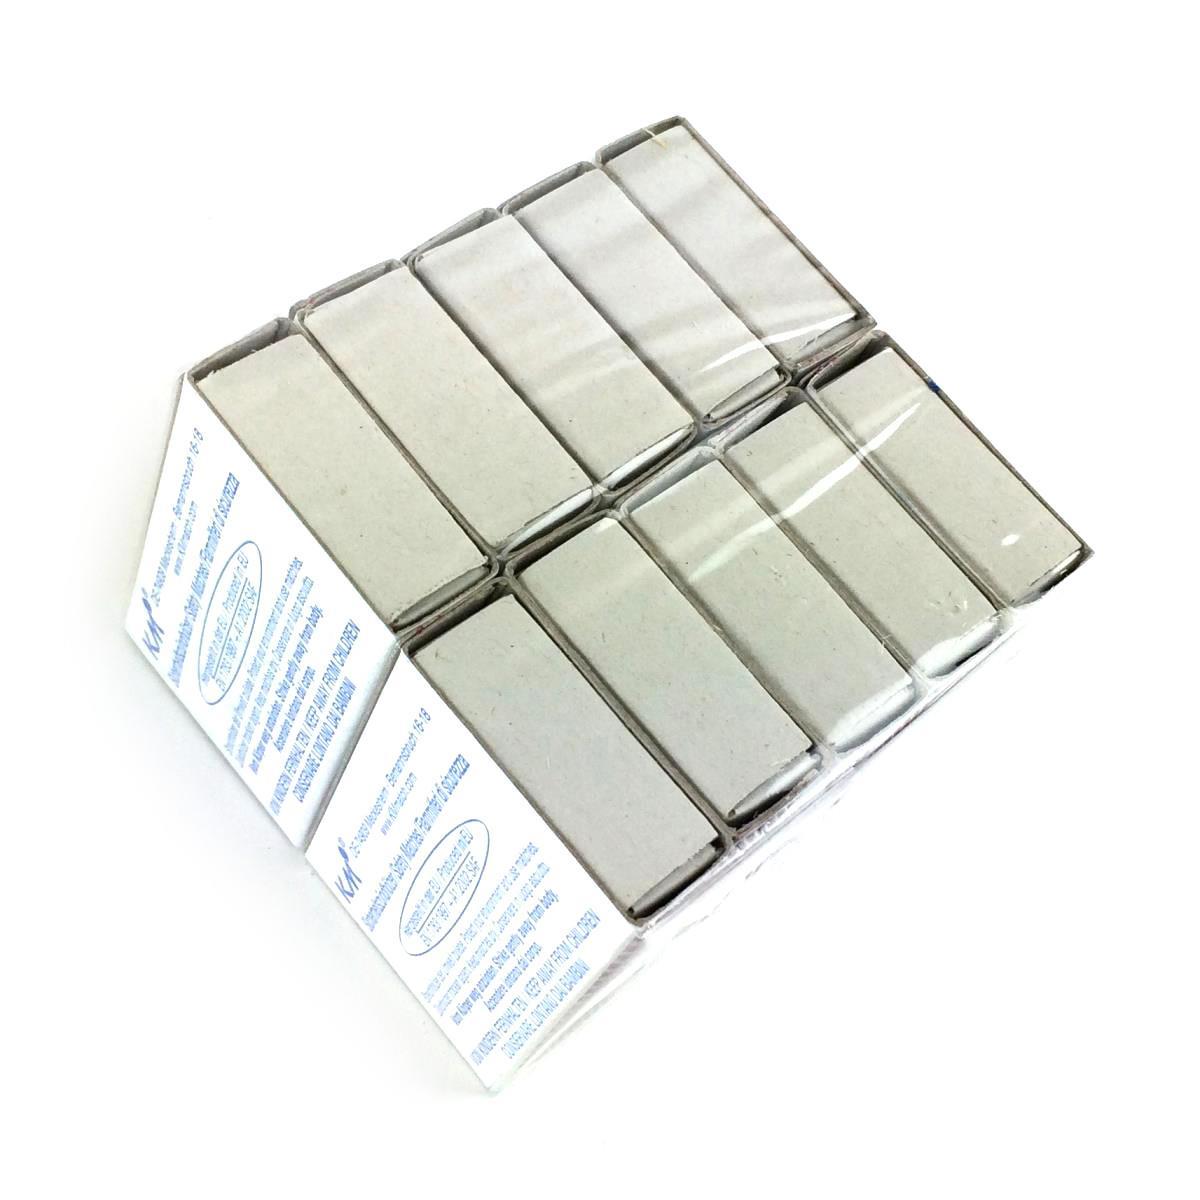 100 x Schachteln Europa Streichhölzer, Zündhölzer, Zündholzschachtel,K M,4004753000504, 4243067011510